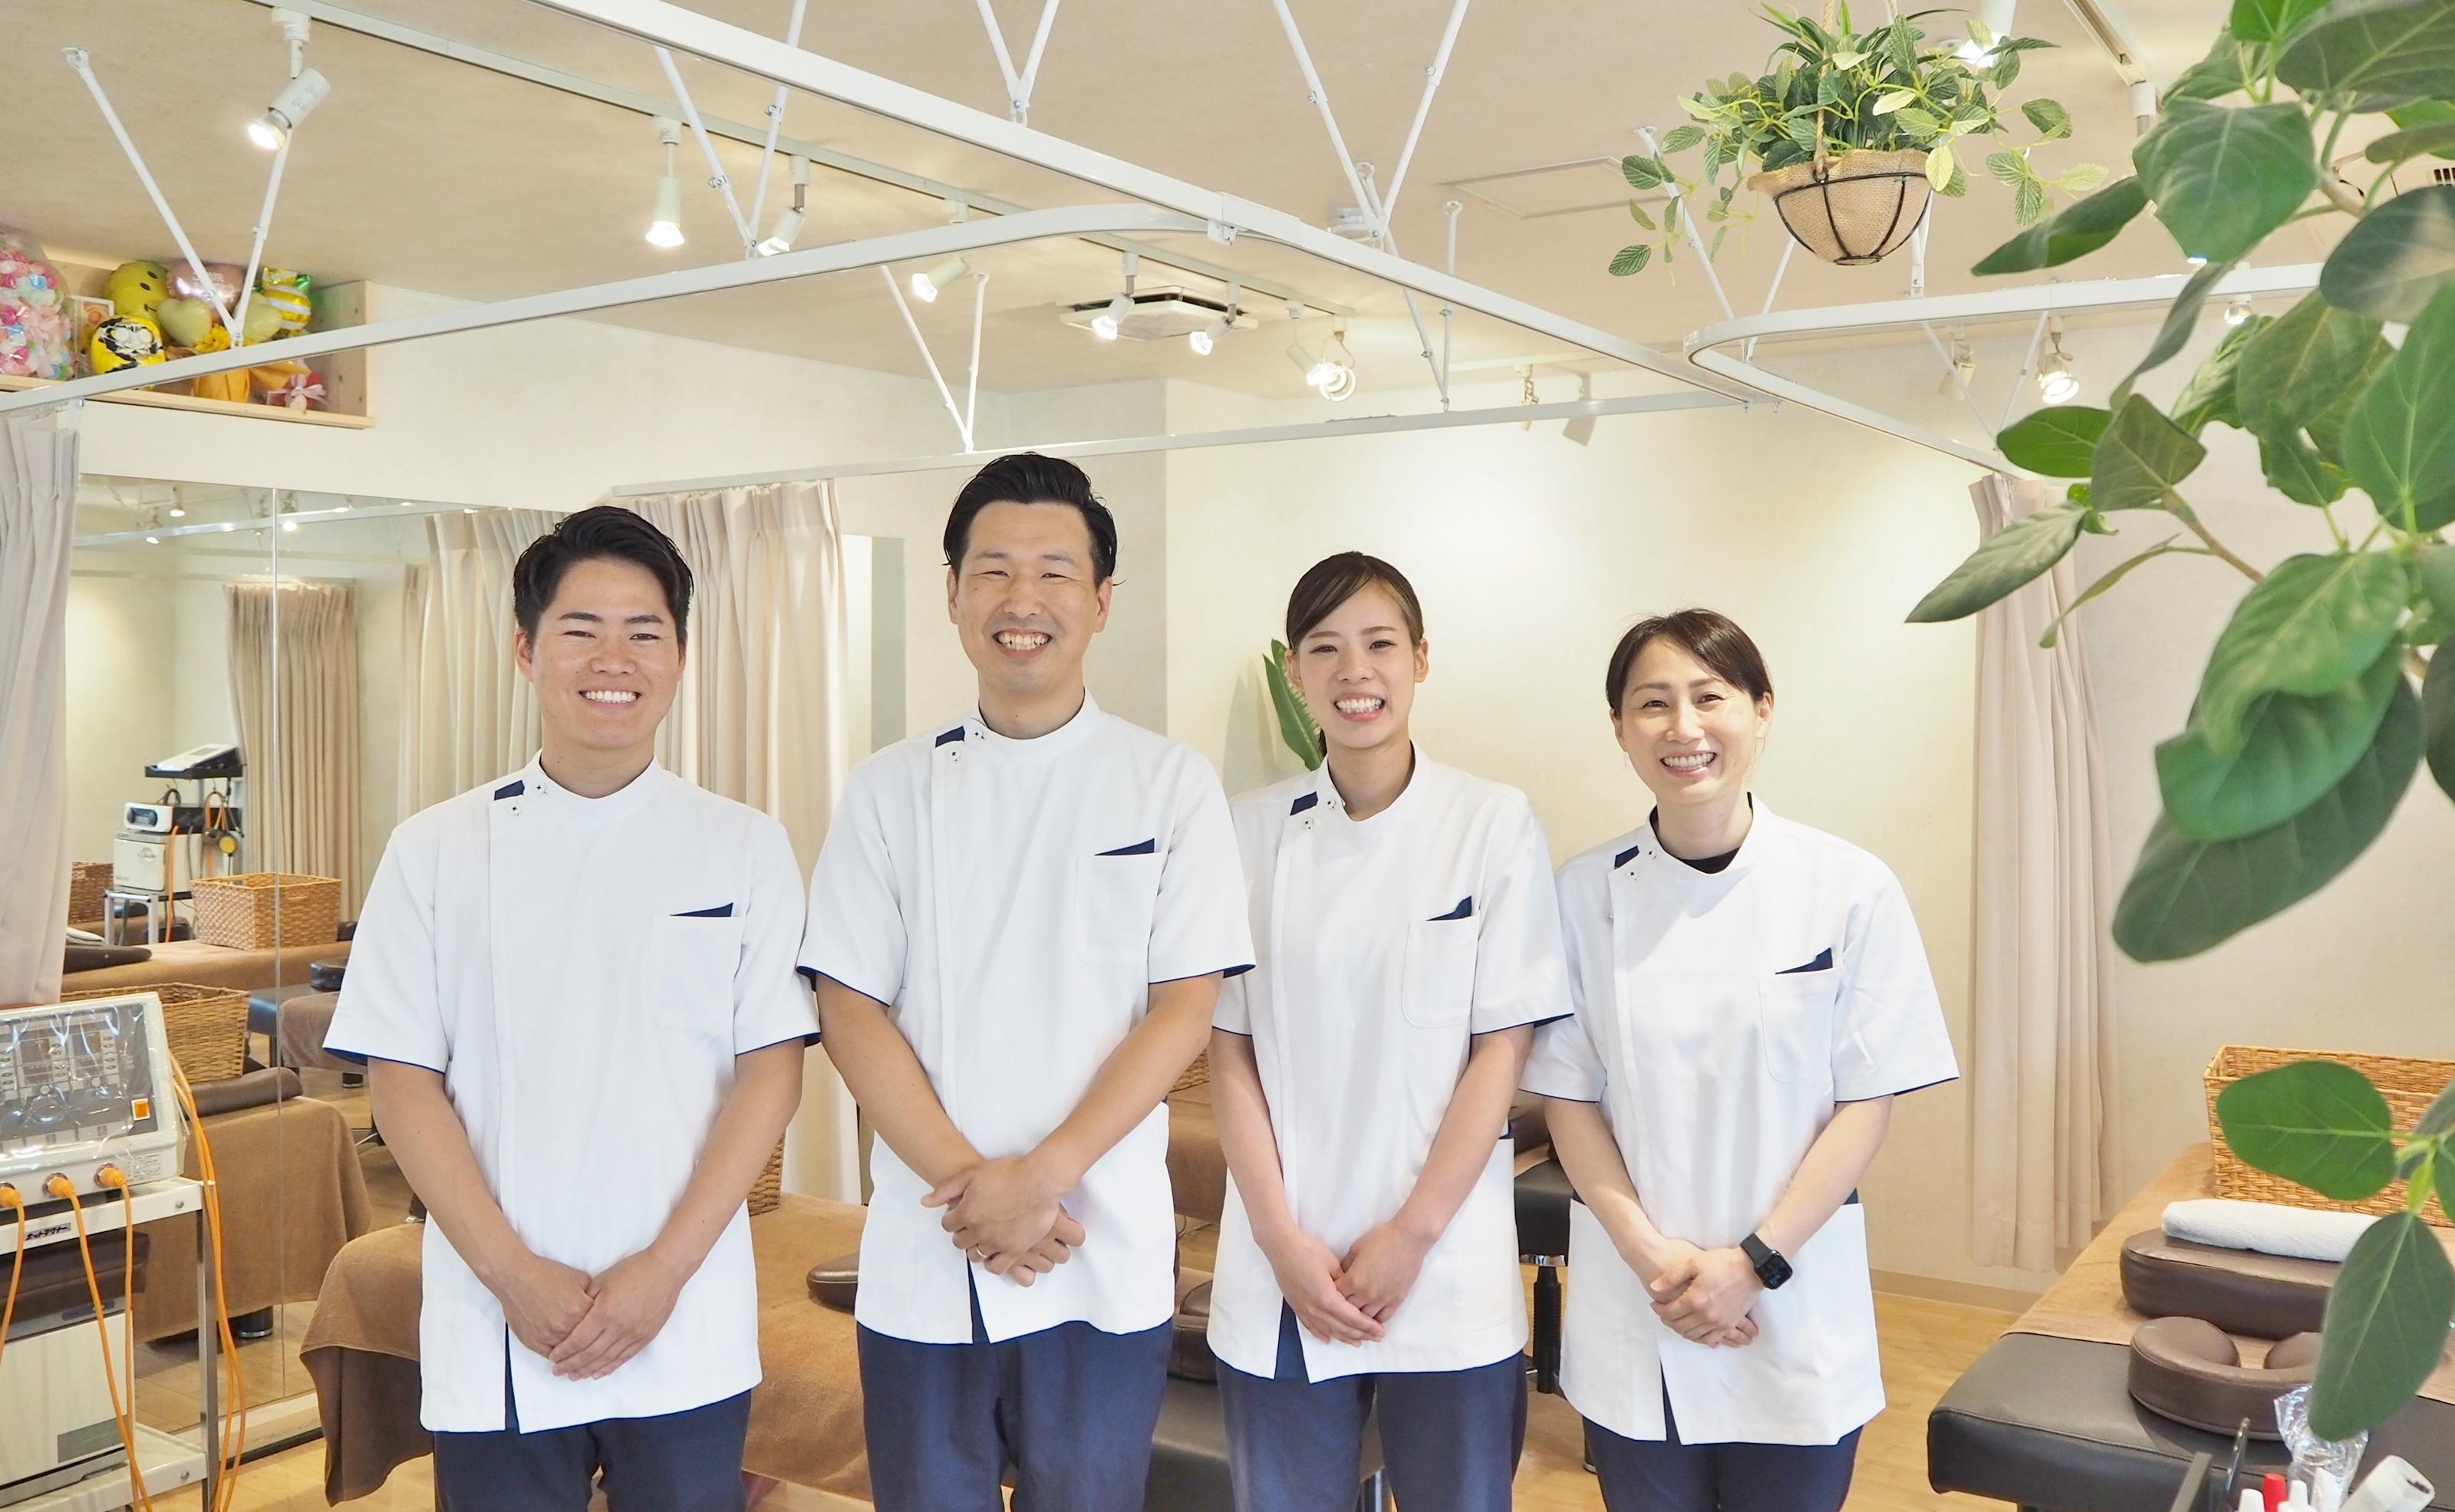 グレフル鍼灸接骨院